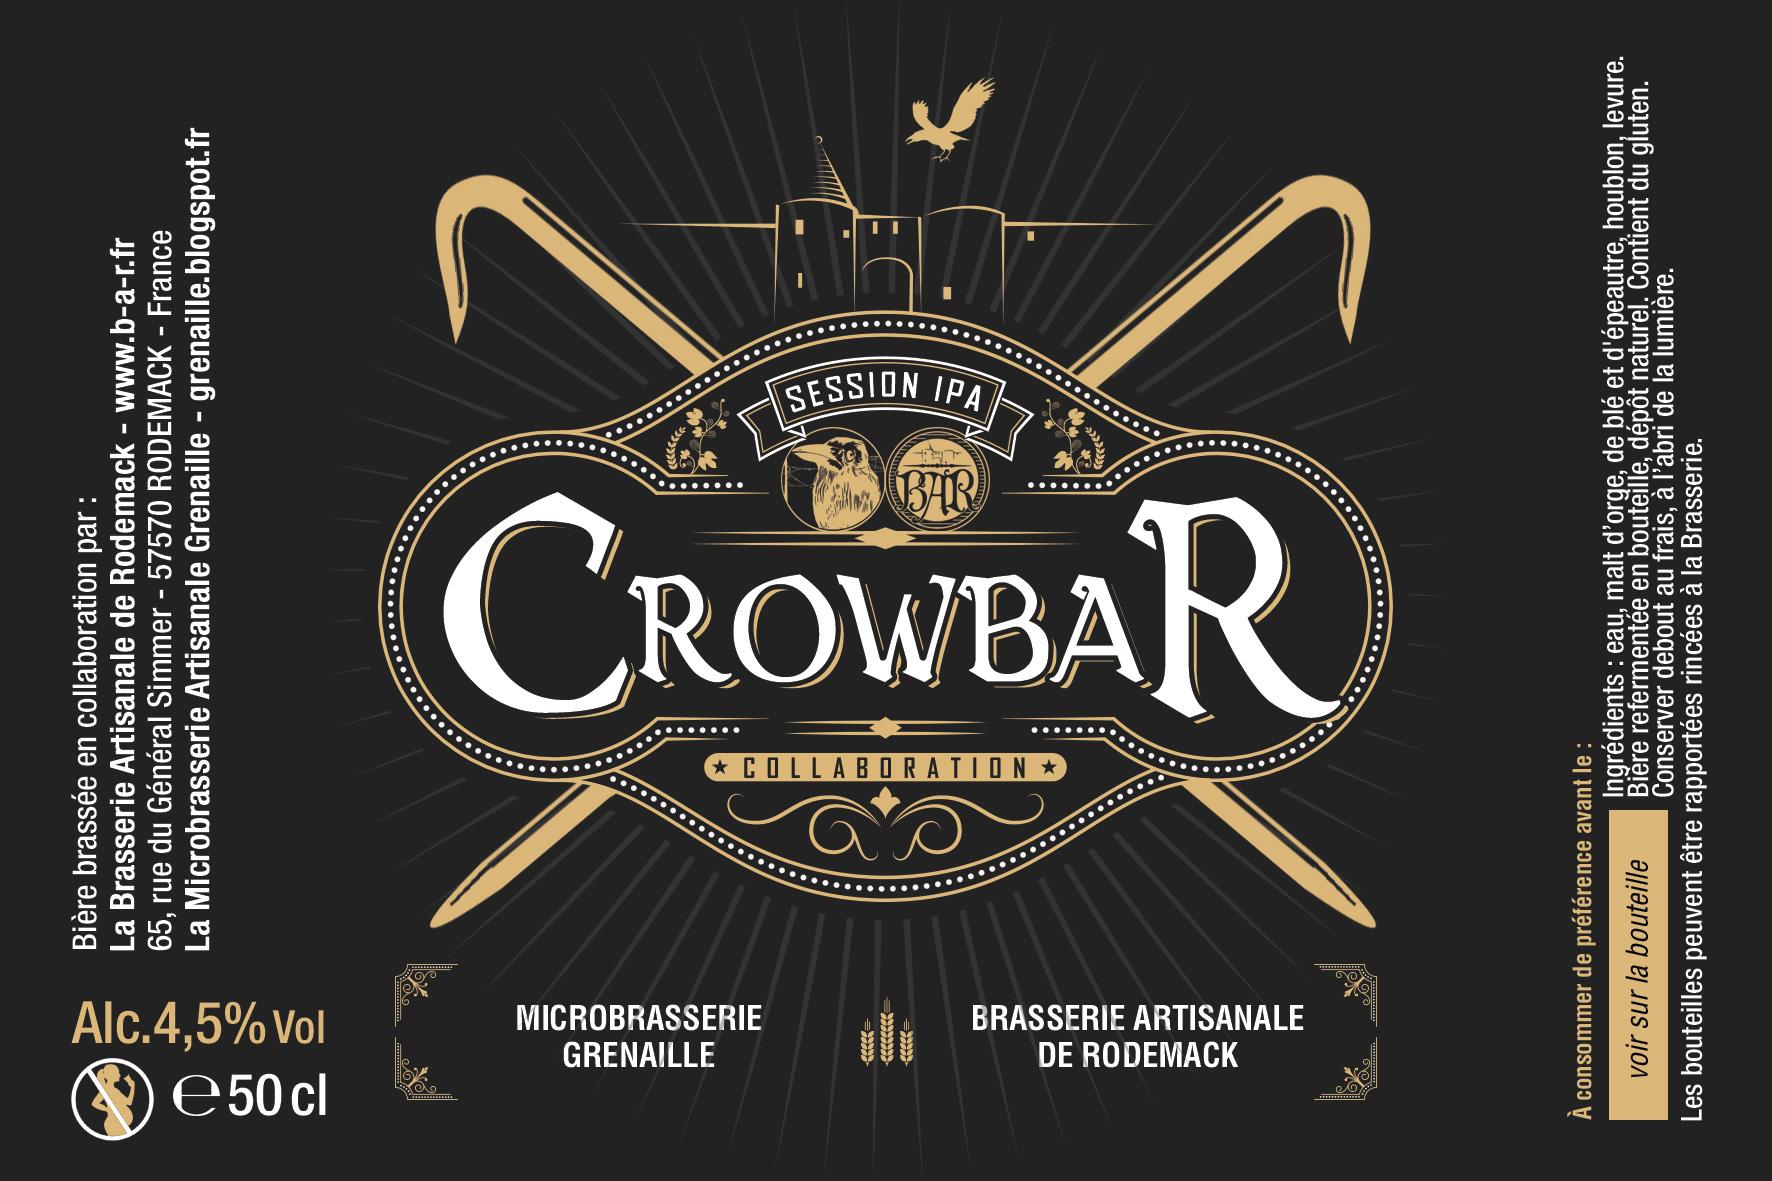 Etiquette Crowbar